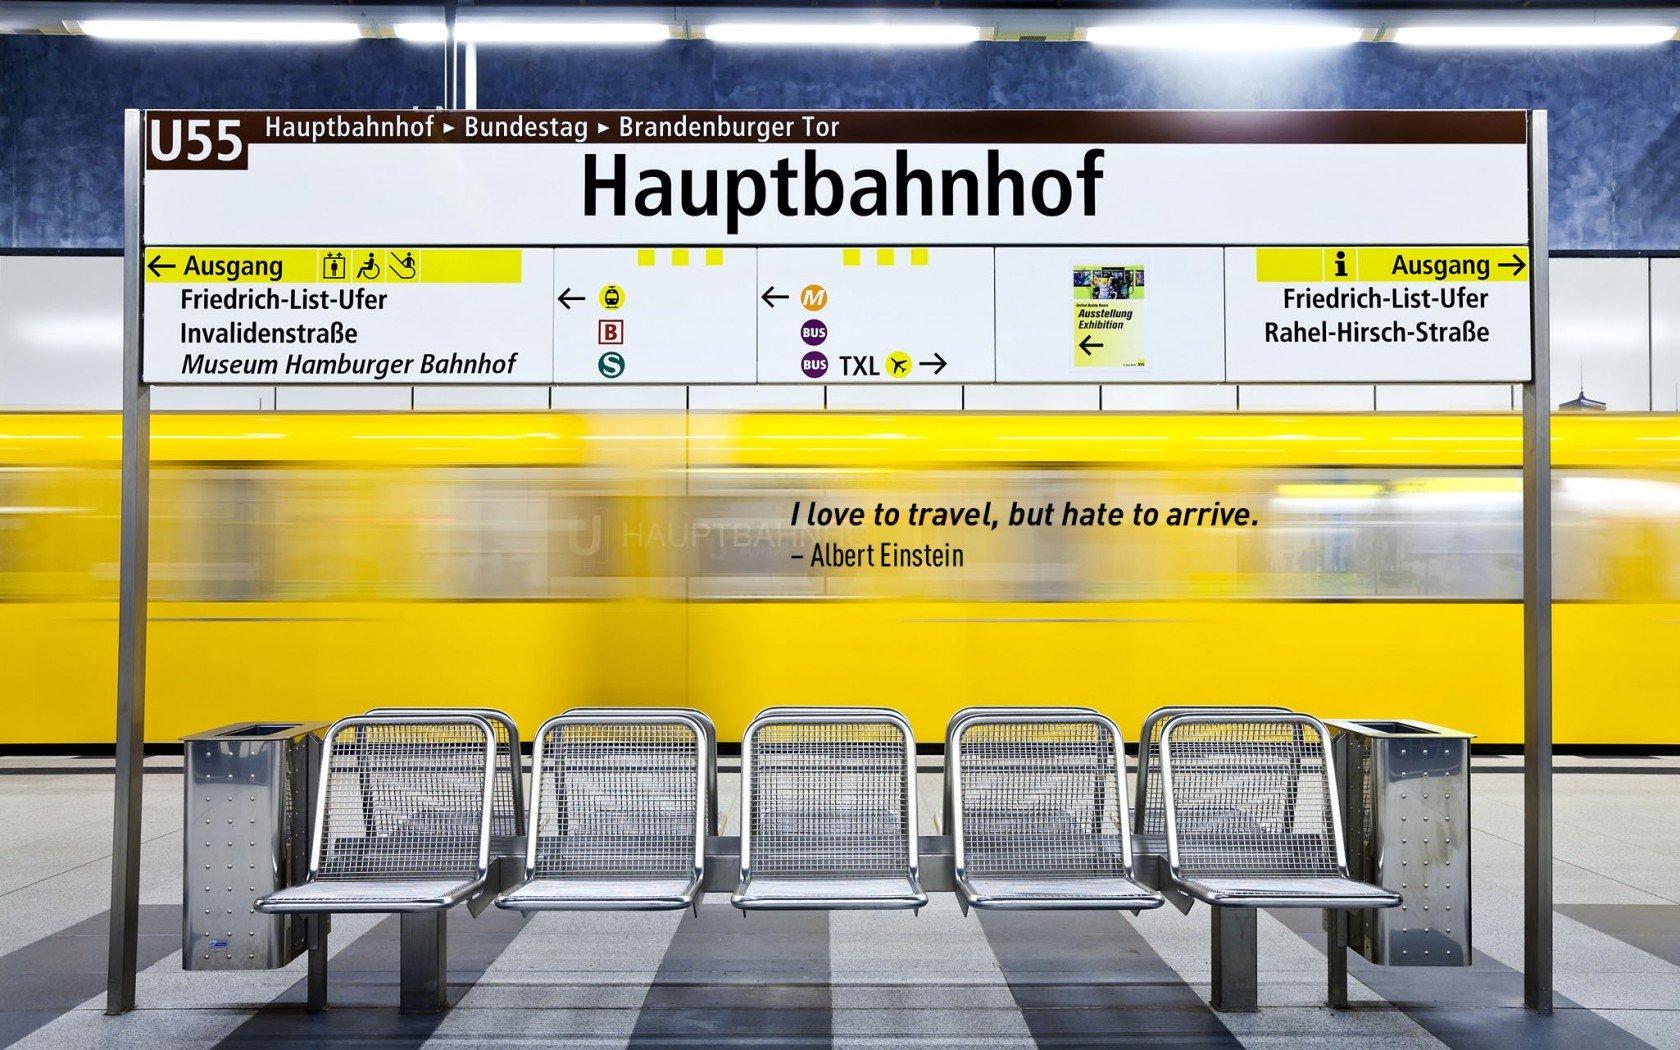 Albert Einstein célèbre citation de voyage. Train de métro jaune vif à Berlin, Allemagne.